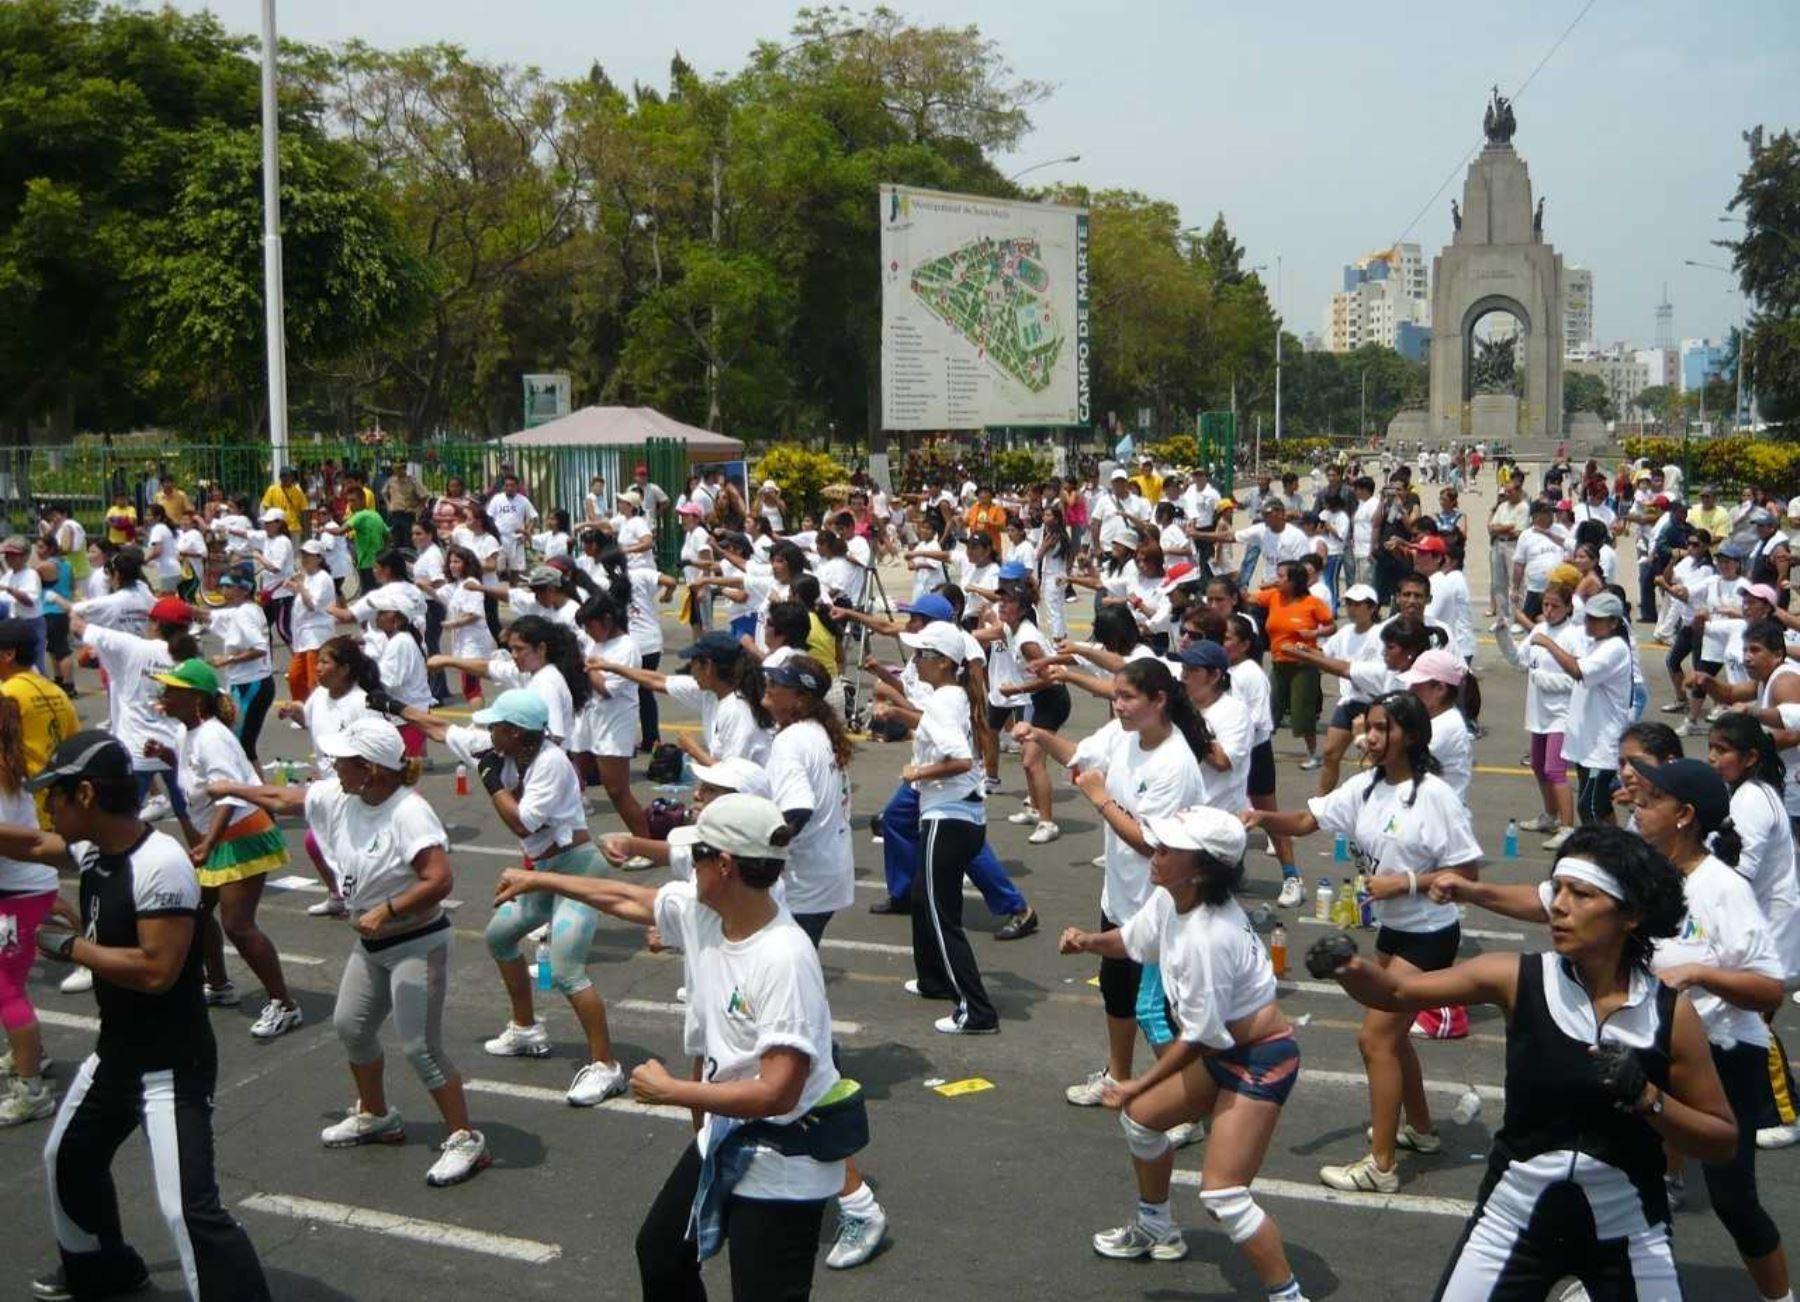 El 6 de abril se celebra en todo el mundo el Día de la Actividad Física.